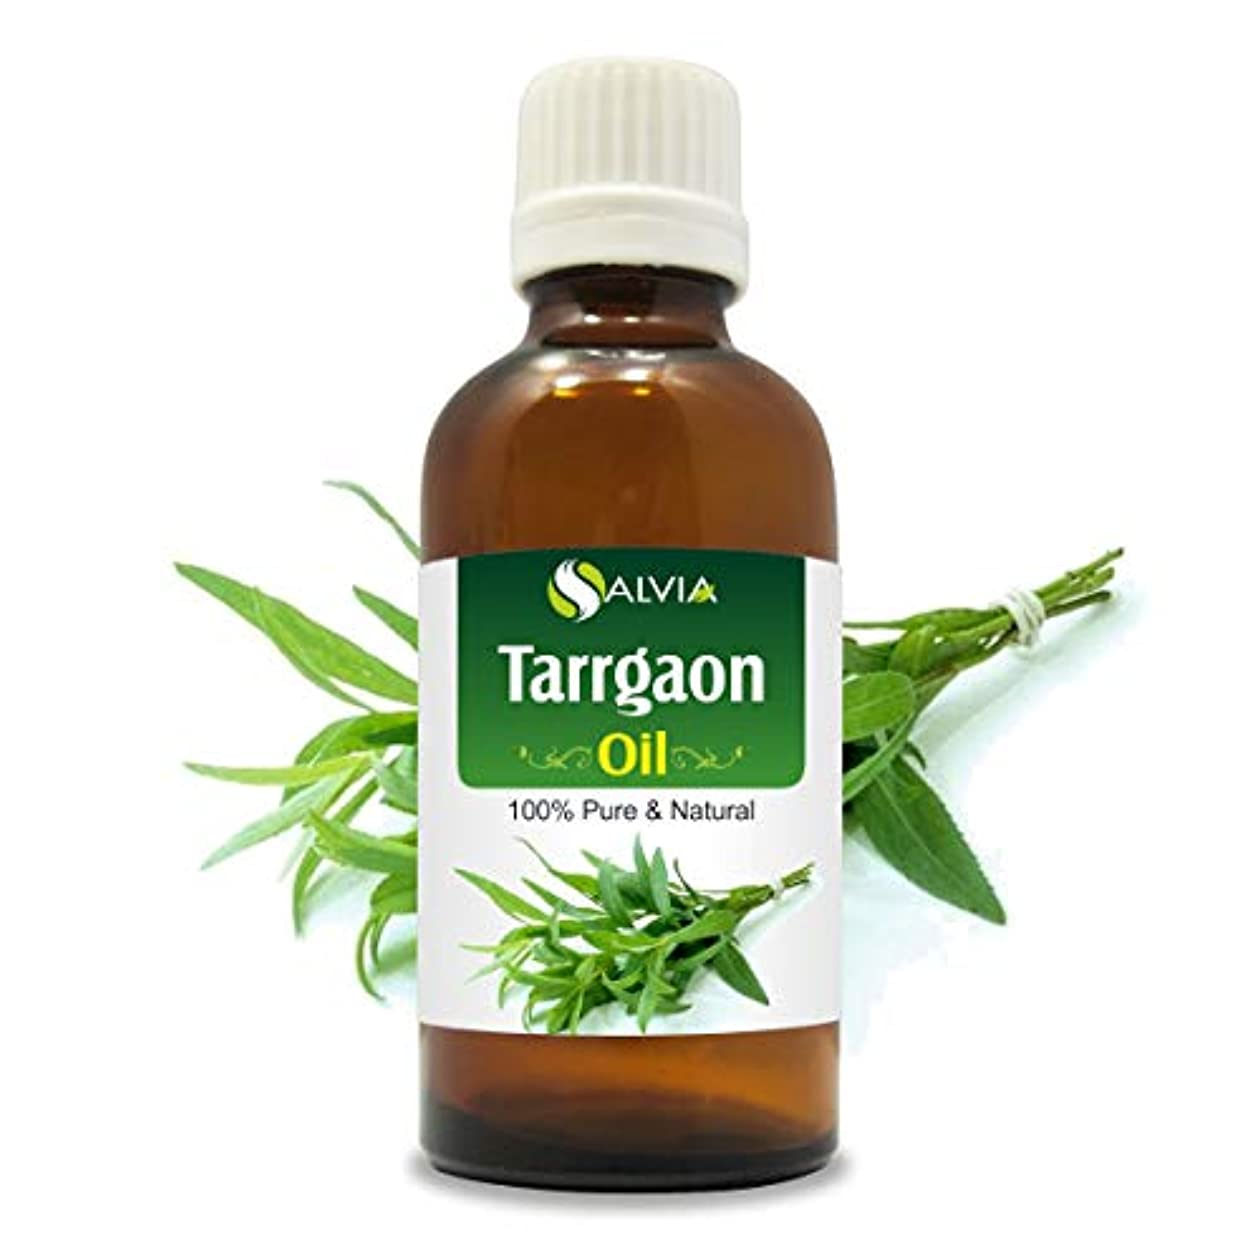 定説置換経度Tarrgaon Oil (Artemisia dracunculus) 100% Natural Pure Undiluted Uncut Essential Oil 30ml